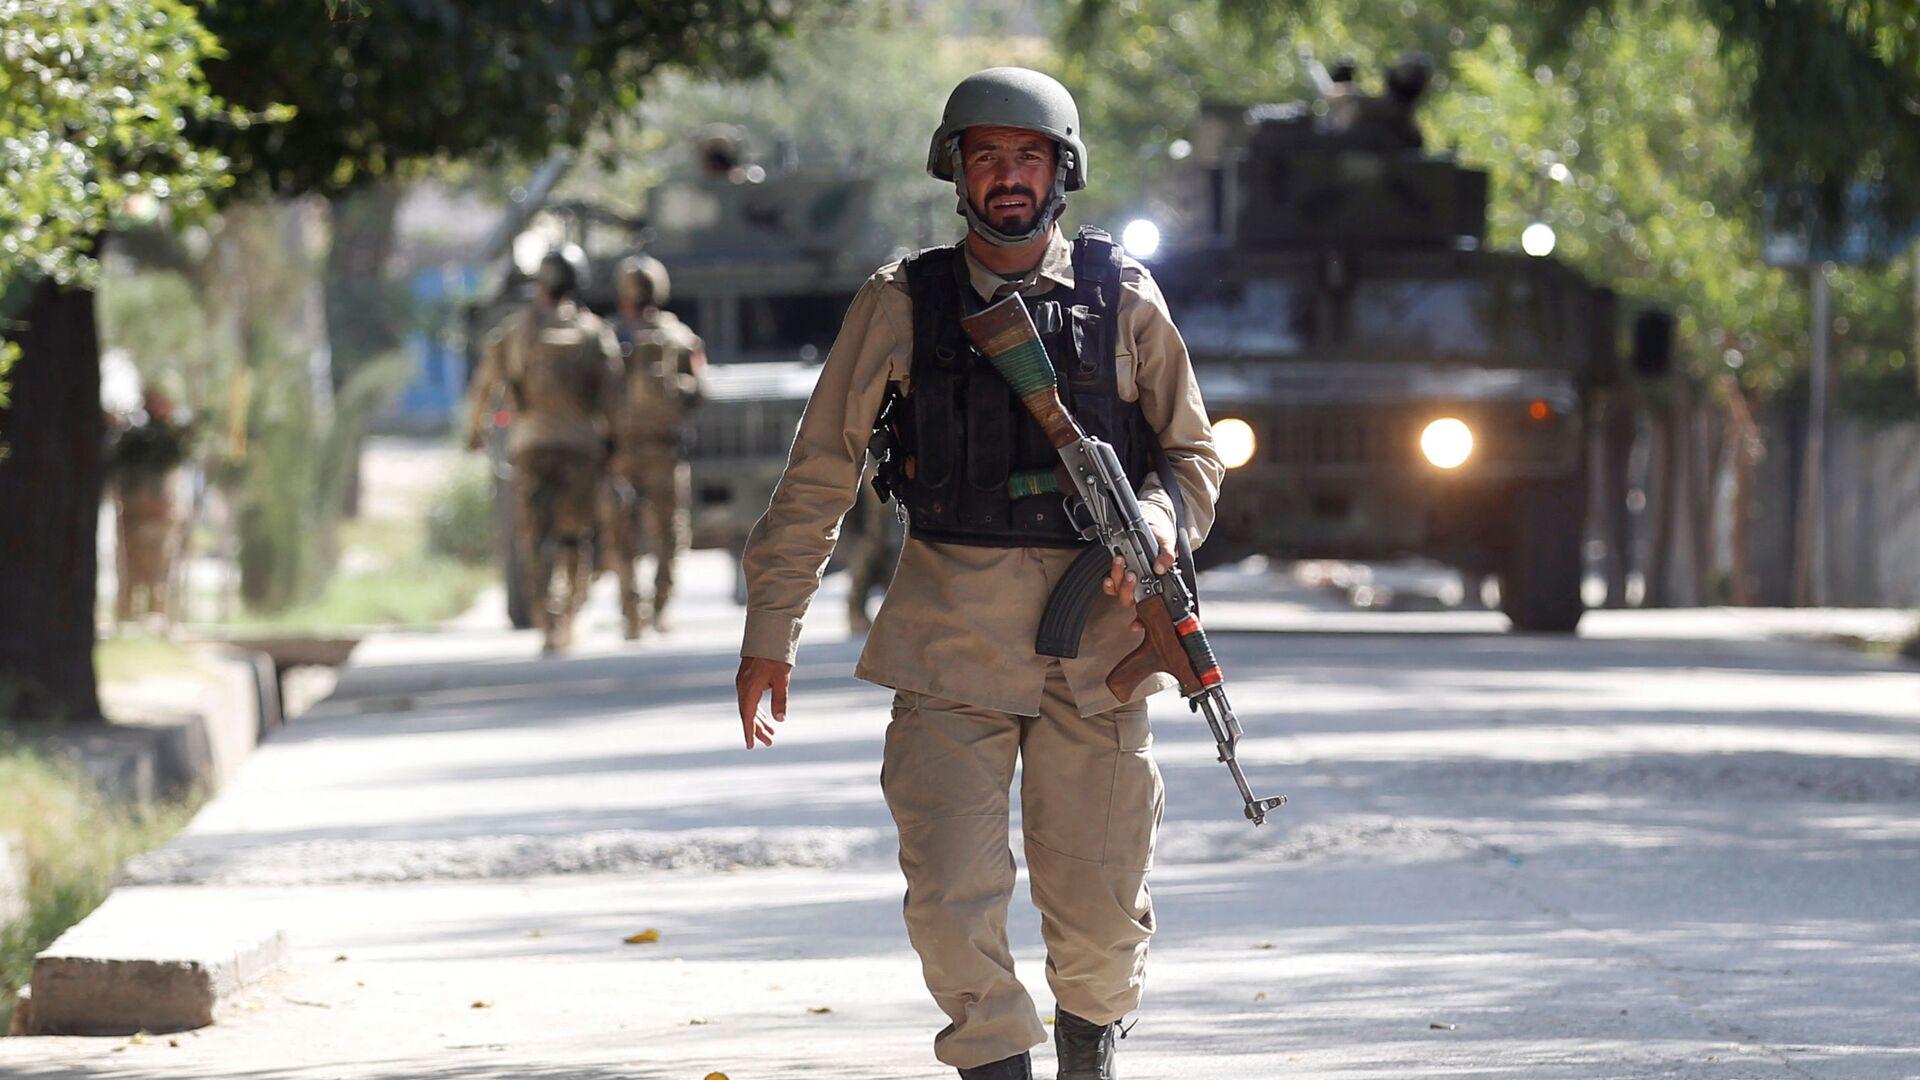 Ufficiale delle forze di sicurezza dell-Afghanistan (foto d'archivio) - Sputnik Italia, 1920, 04.05.2021